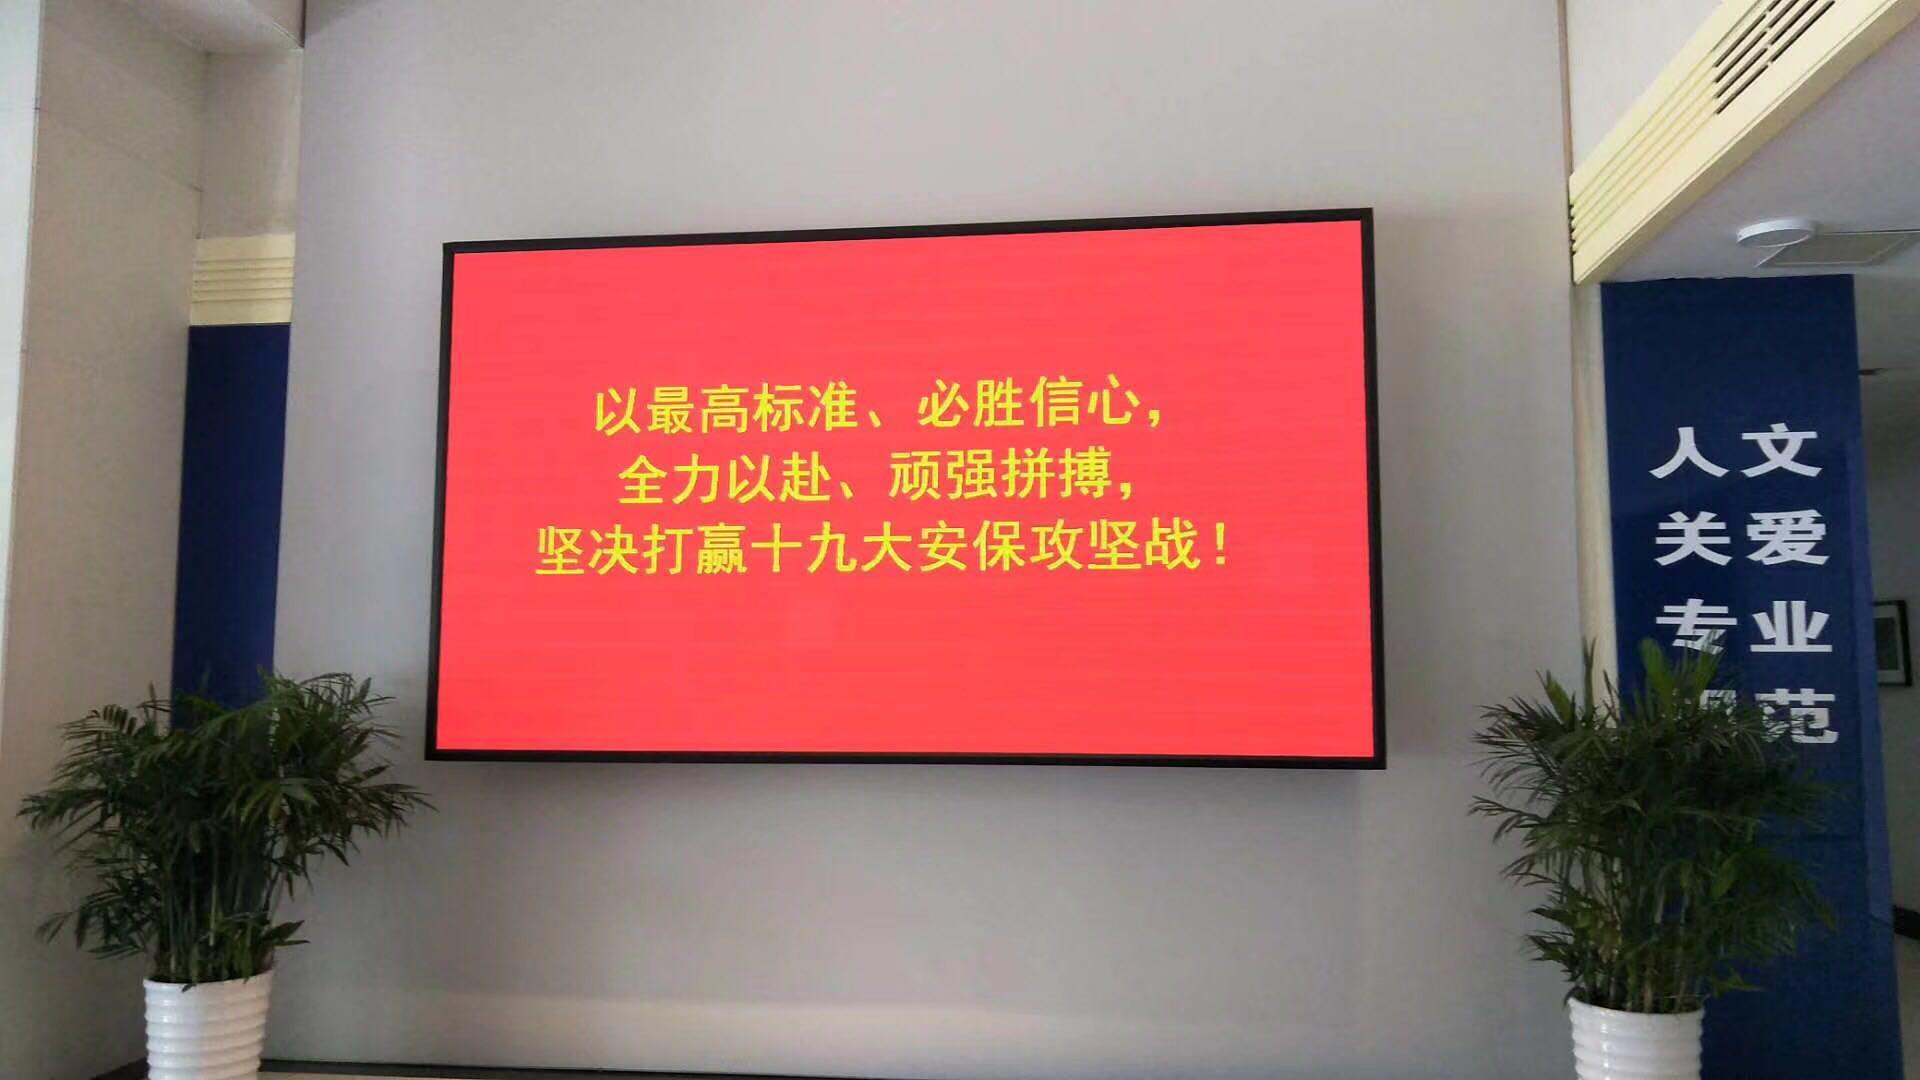 青岛LEDP4室内显示屏 青岛LEDP5室内显示屏